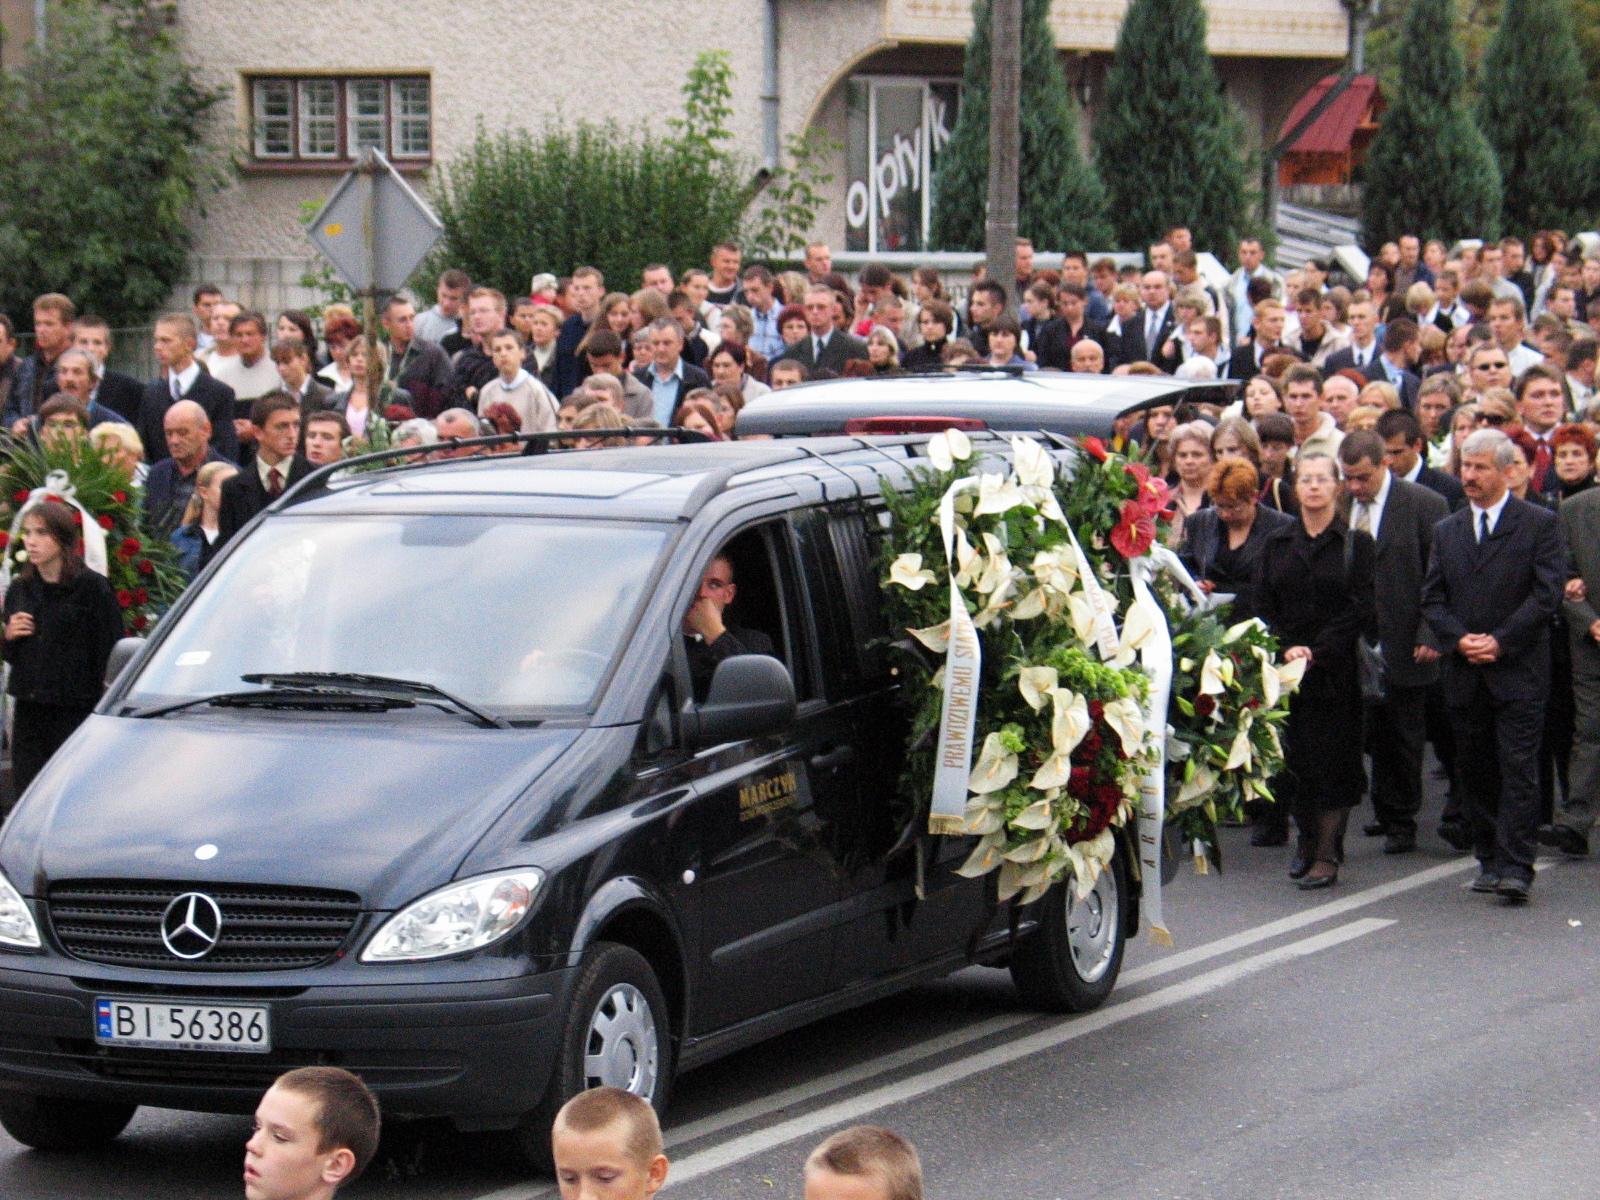 Pogrzeb Arkadiusza Gołasia. 22.09 2005 r. (fot. Tomasz Niesłuchowski / Agencja Gazeta)PLYTA PLOCK 119